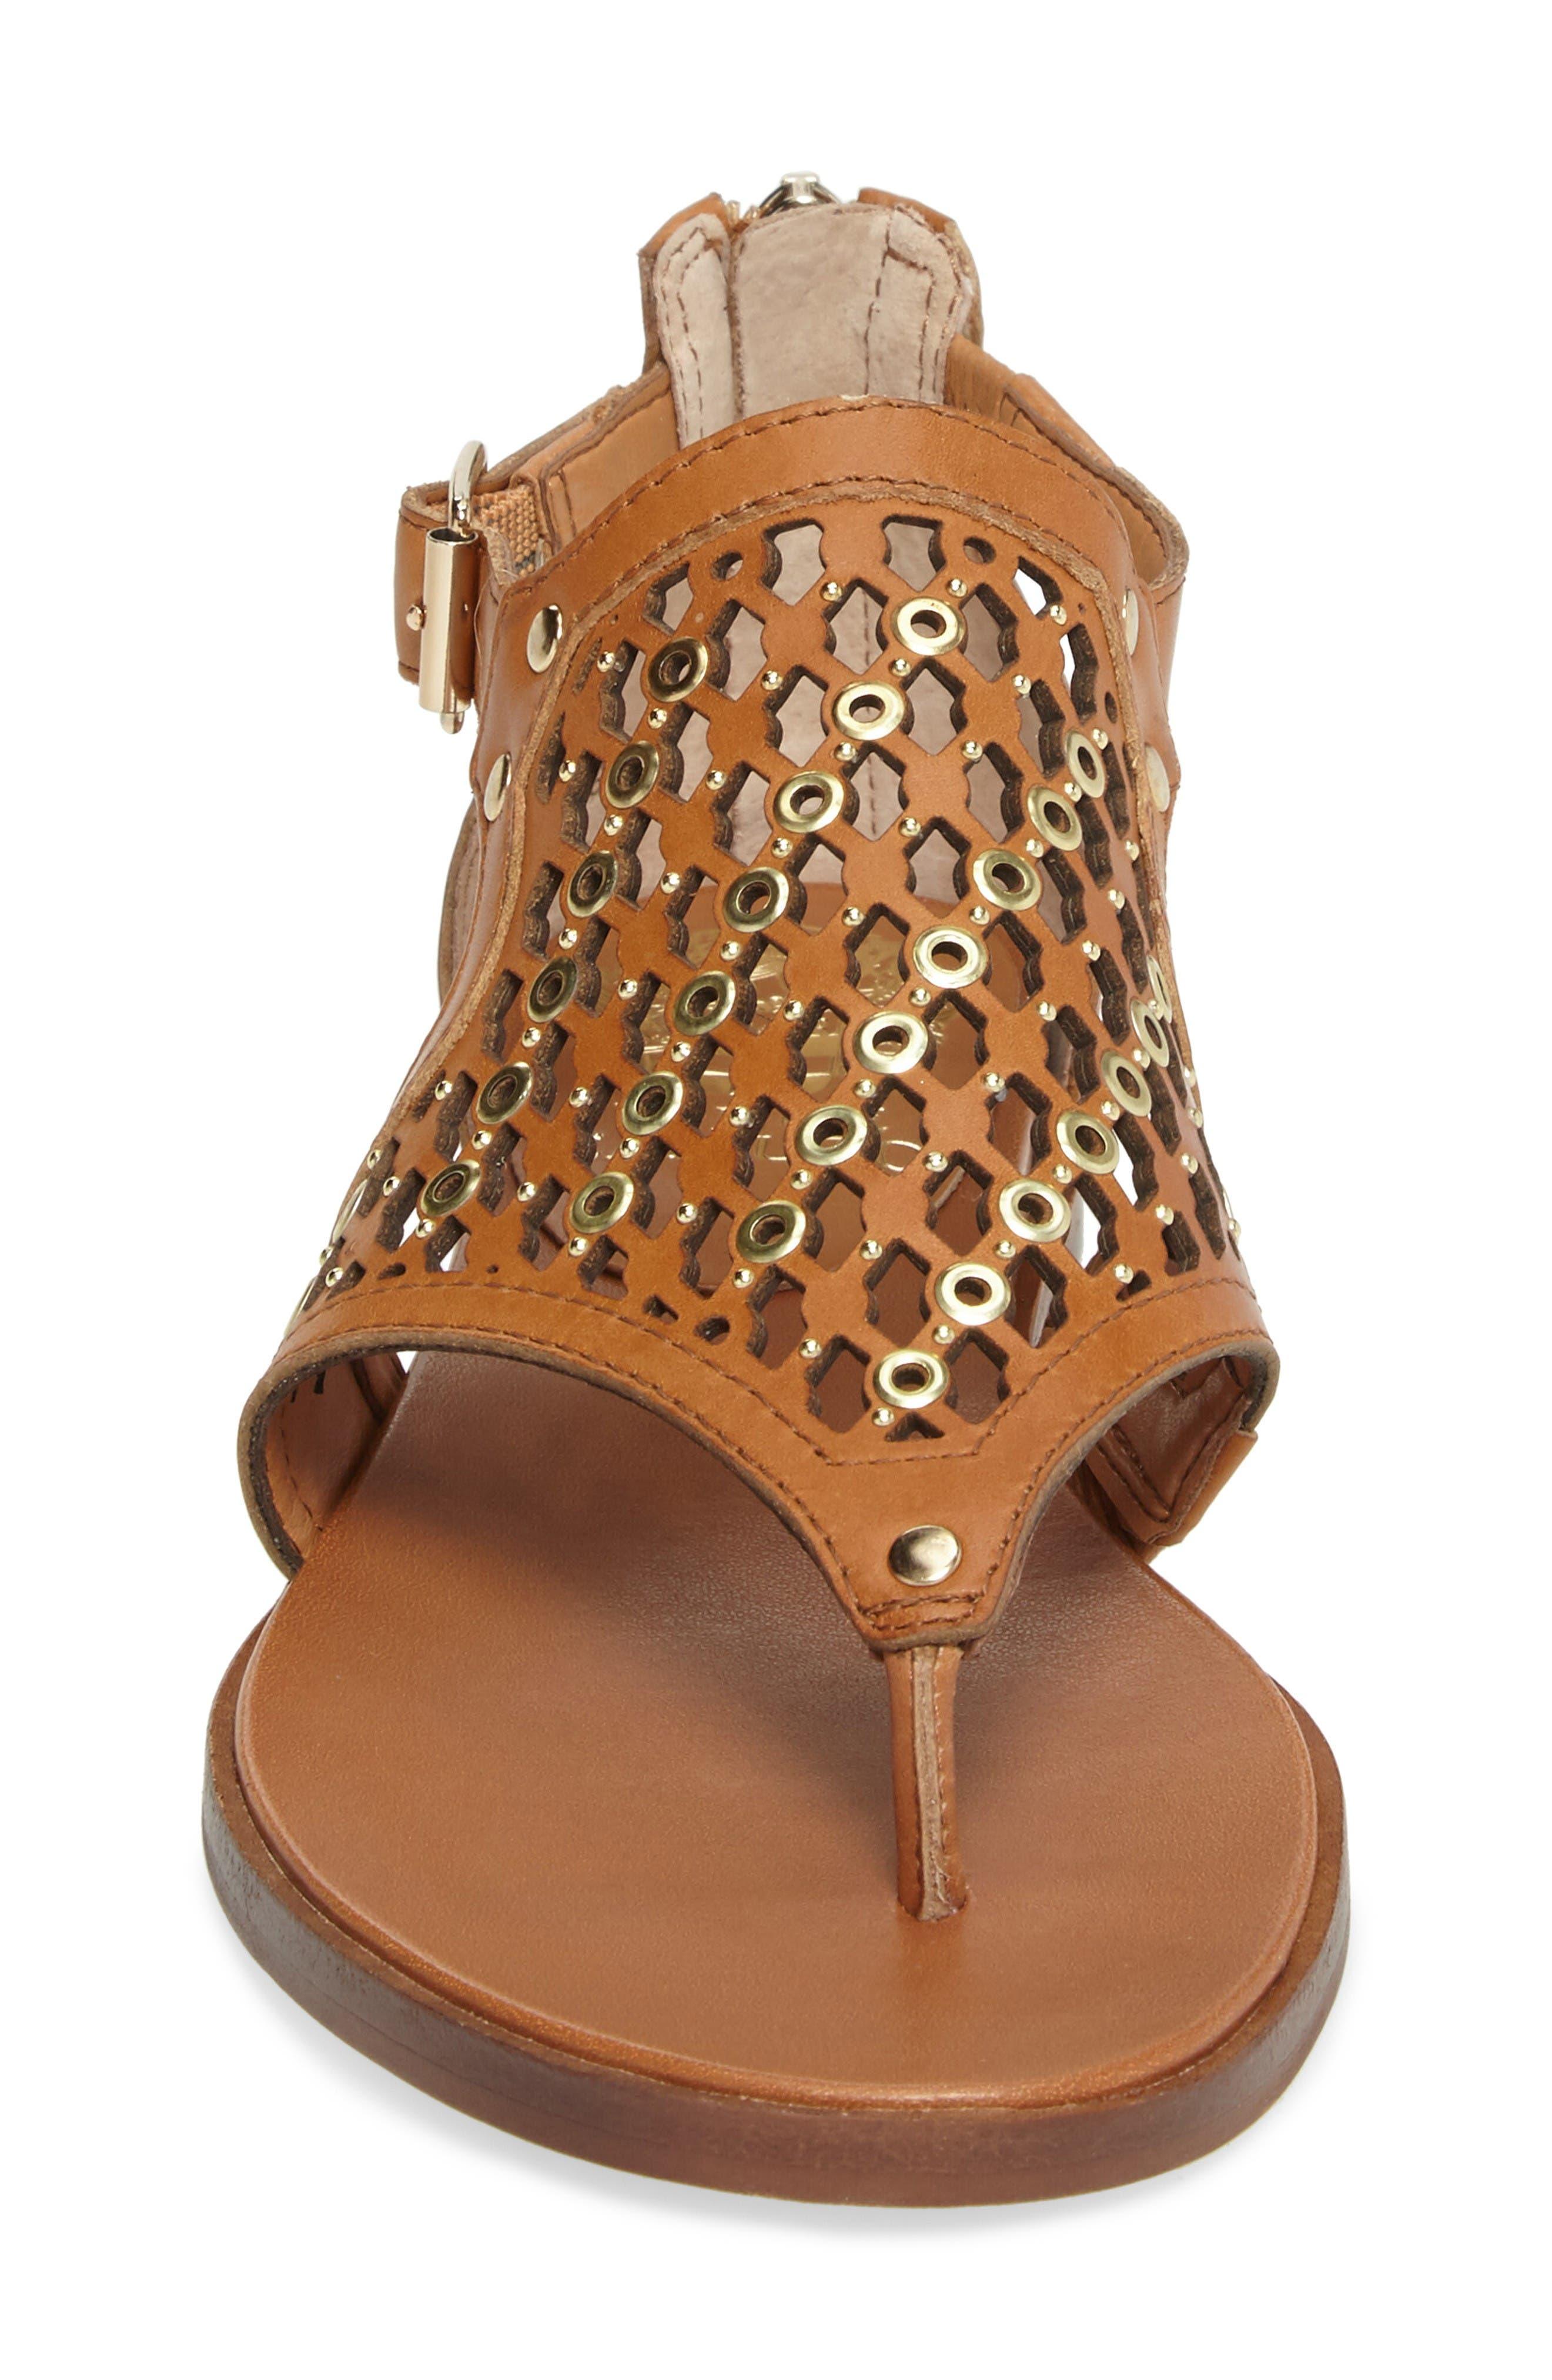 Sitara Sandal,                             Alternate thumbnail 4, color,                             Peanut Leather